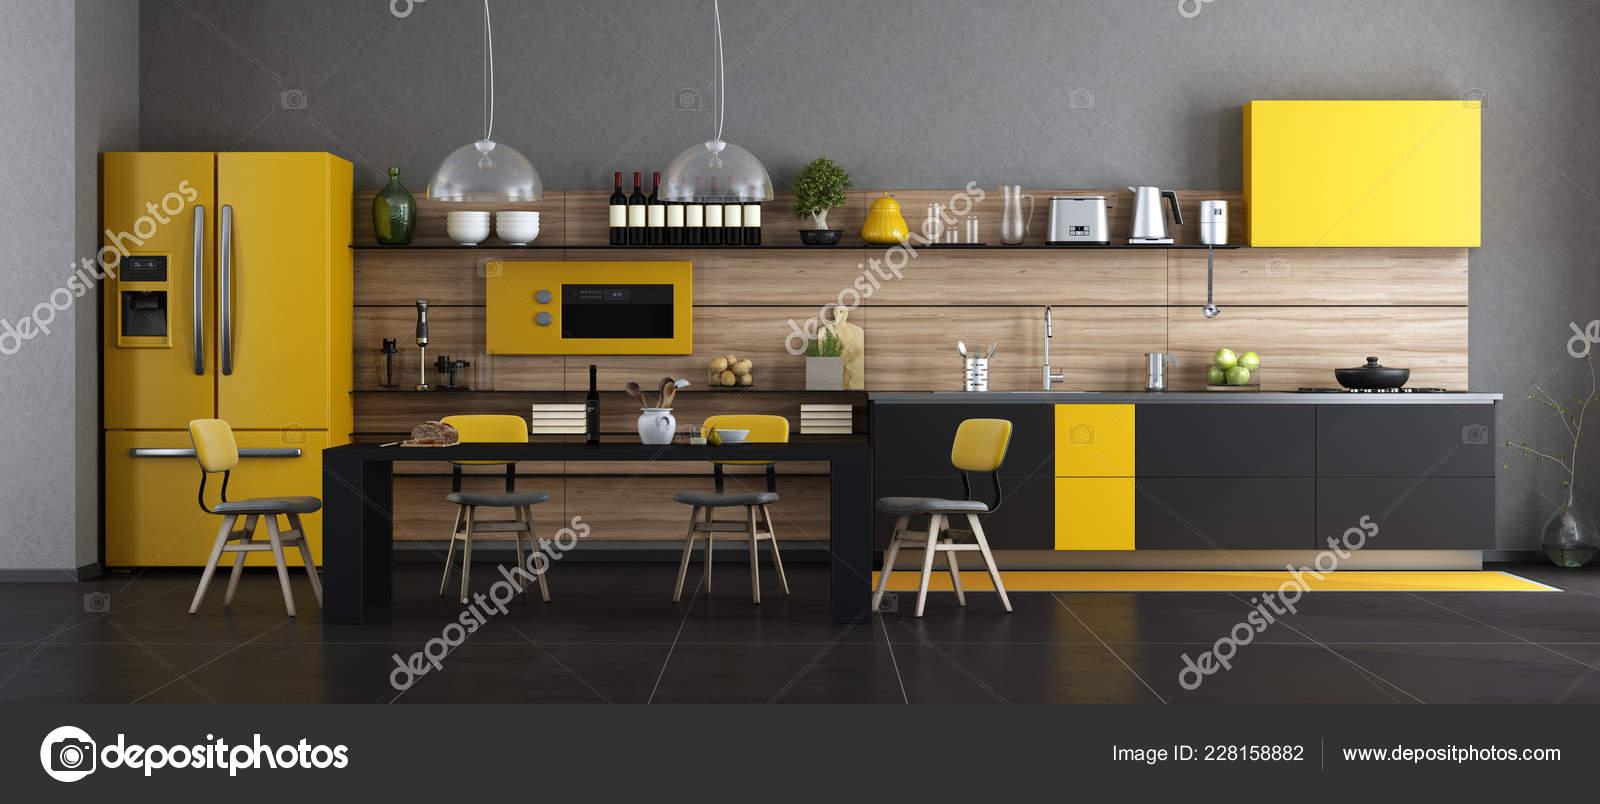 Cuisine Moderne Noire Jaune Avec Table Chaises Rendu